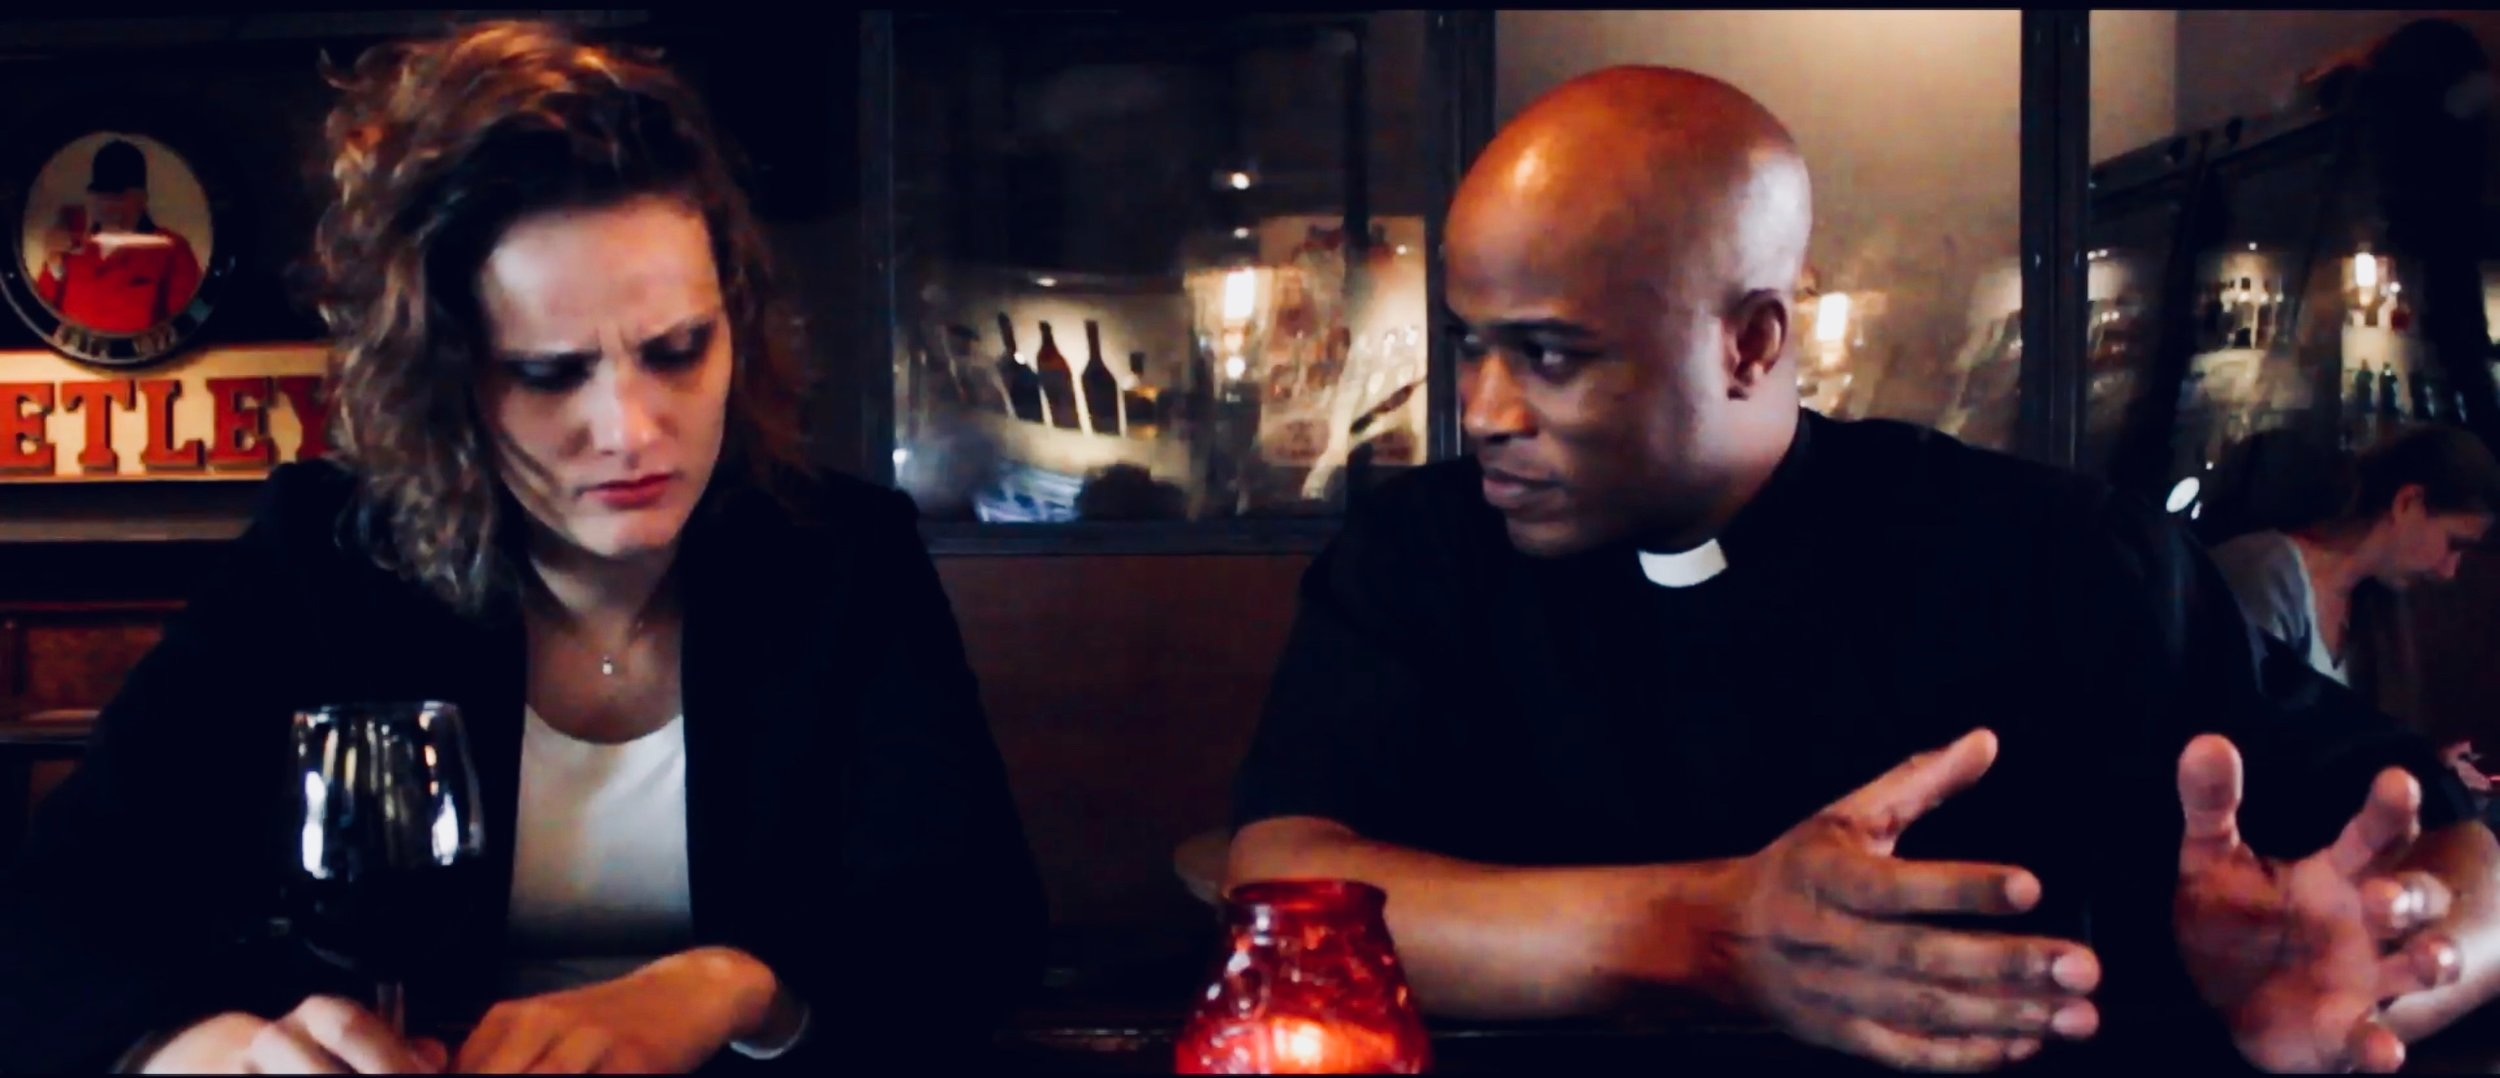 2, Scarlett ontmoet Pastor Ben.jpg